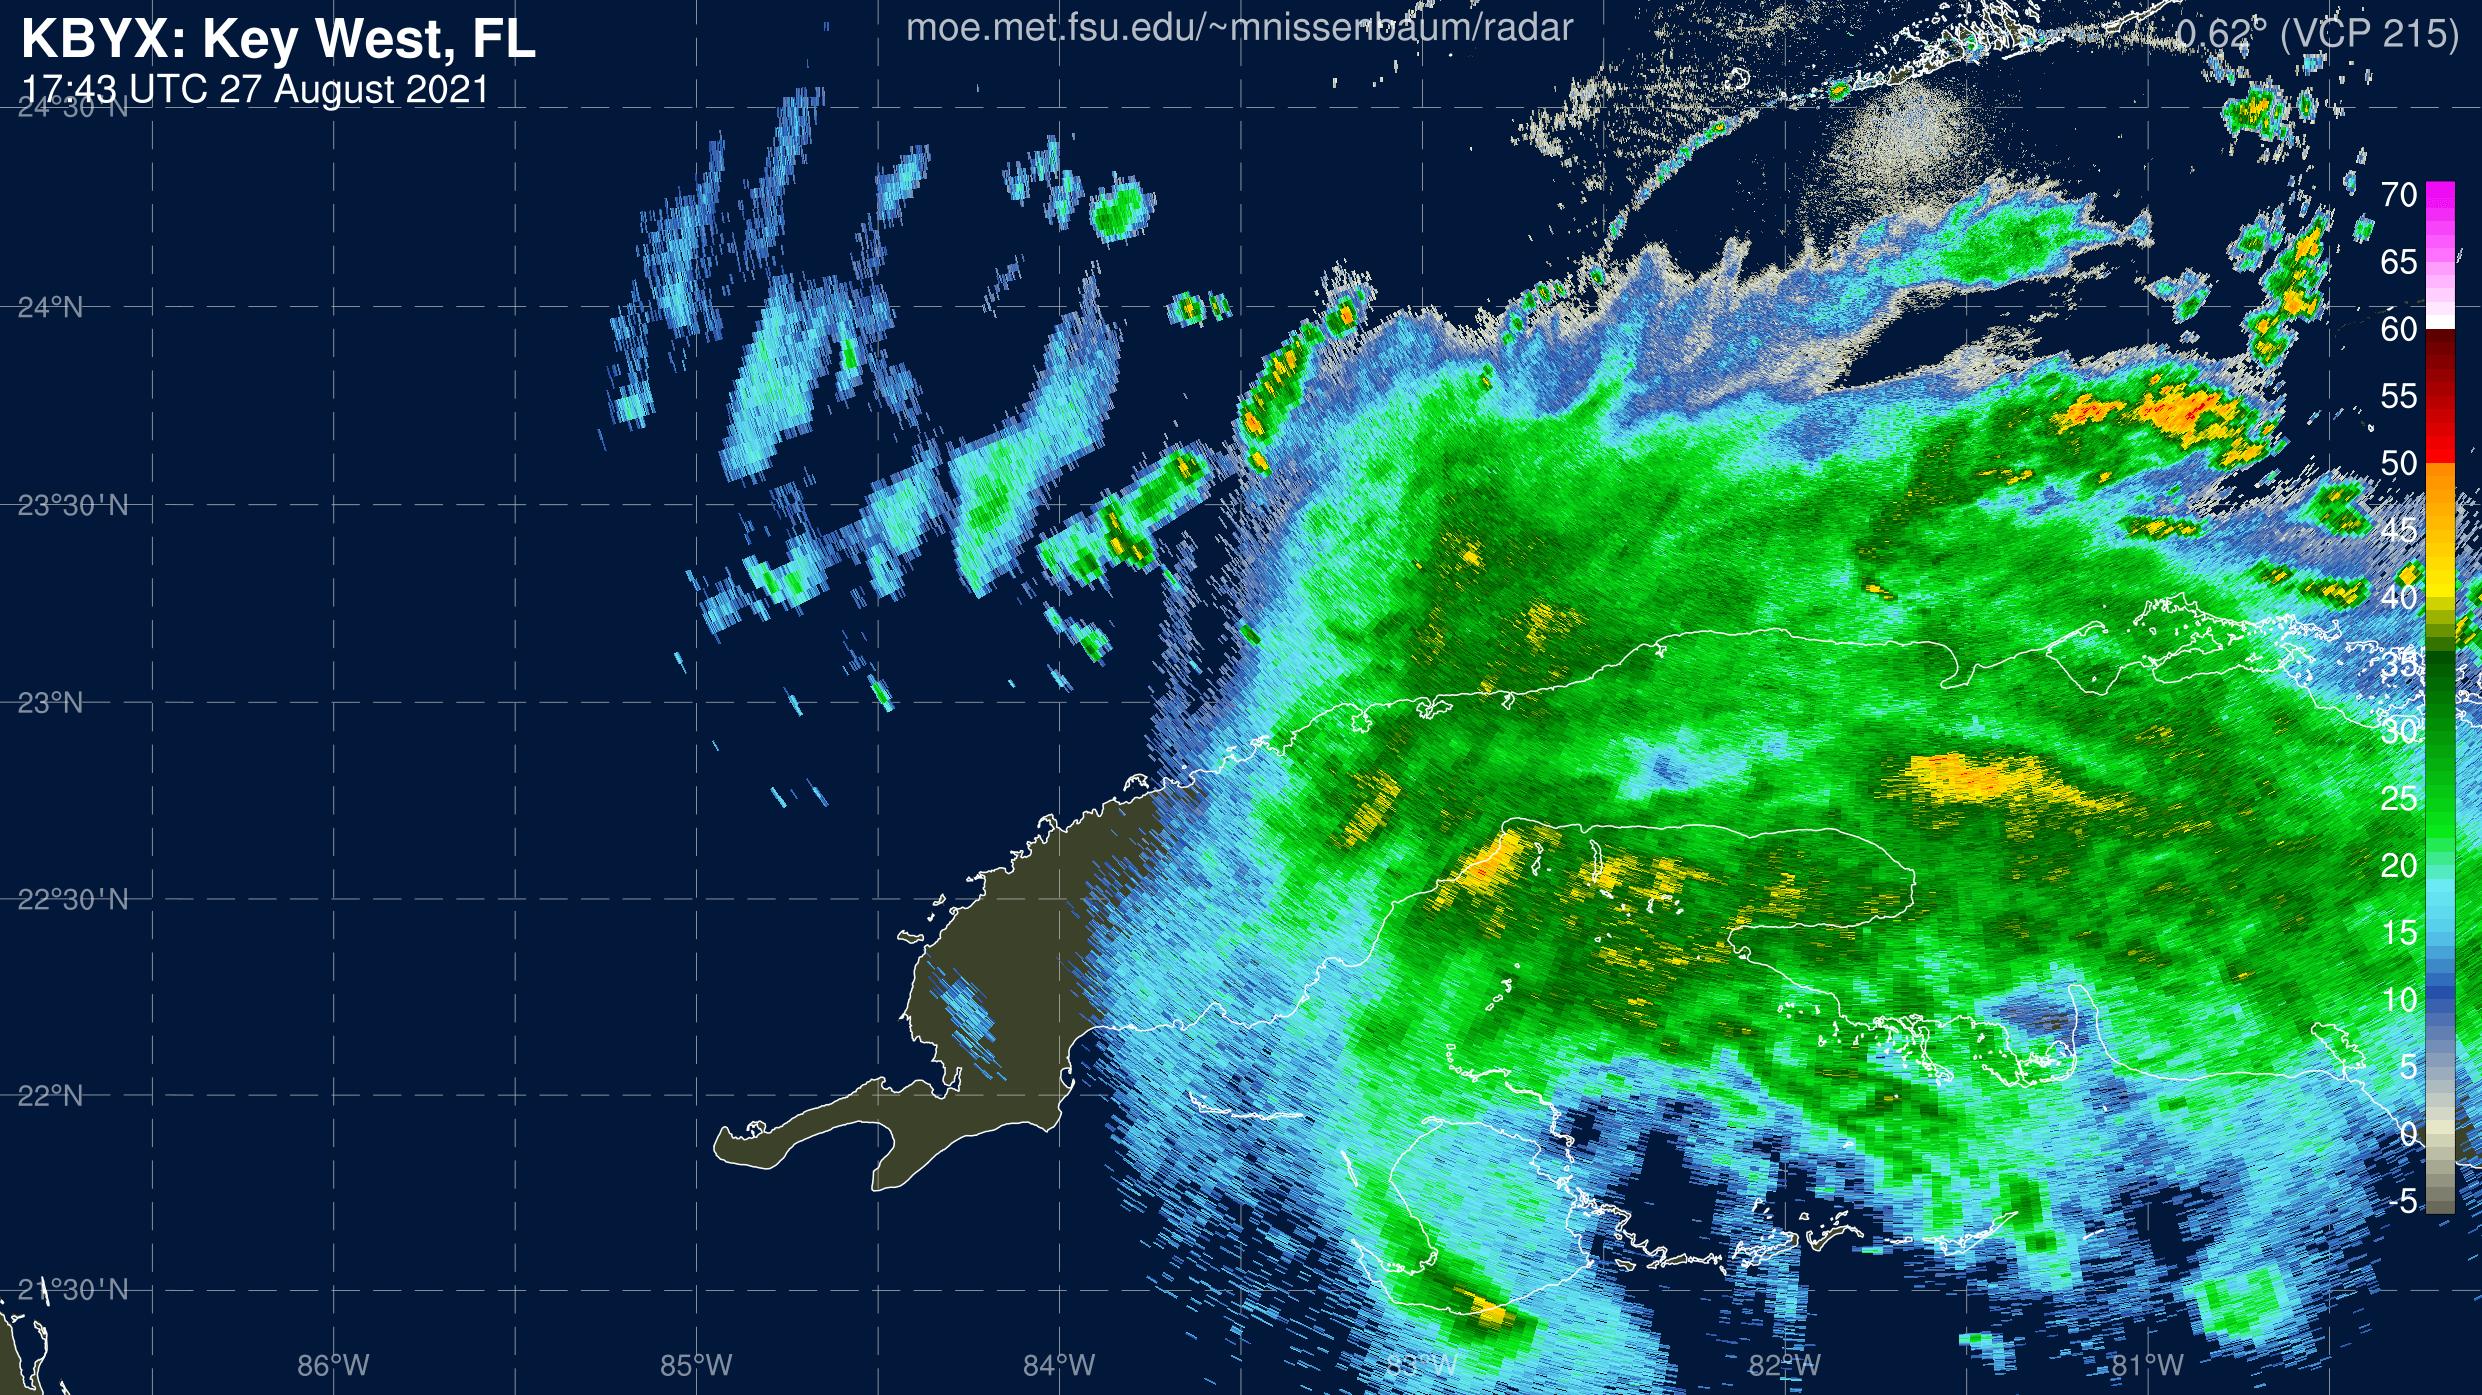 Key West Radar Recording From Marc Nissenbaum for Ida (2021)